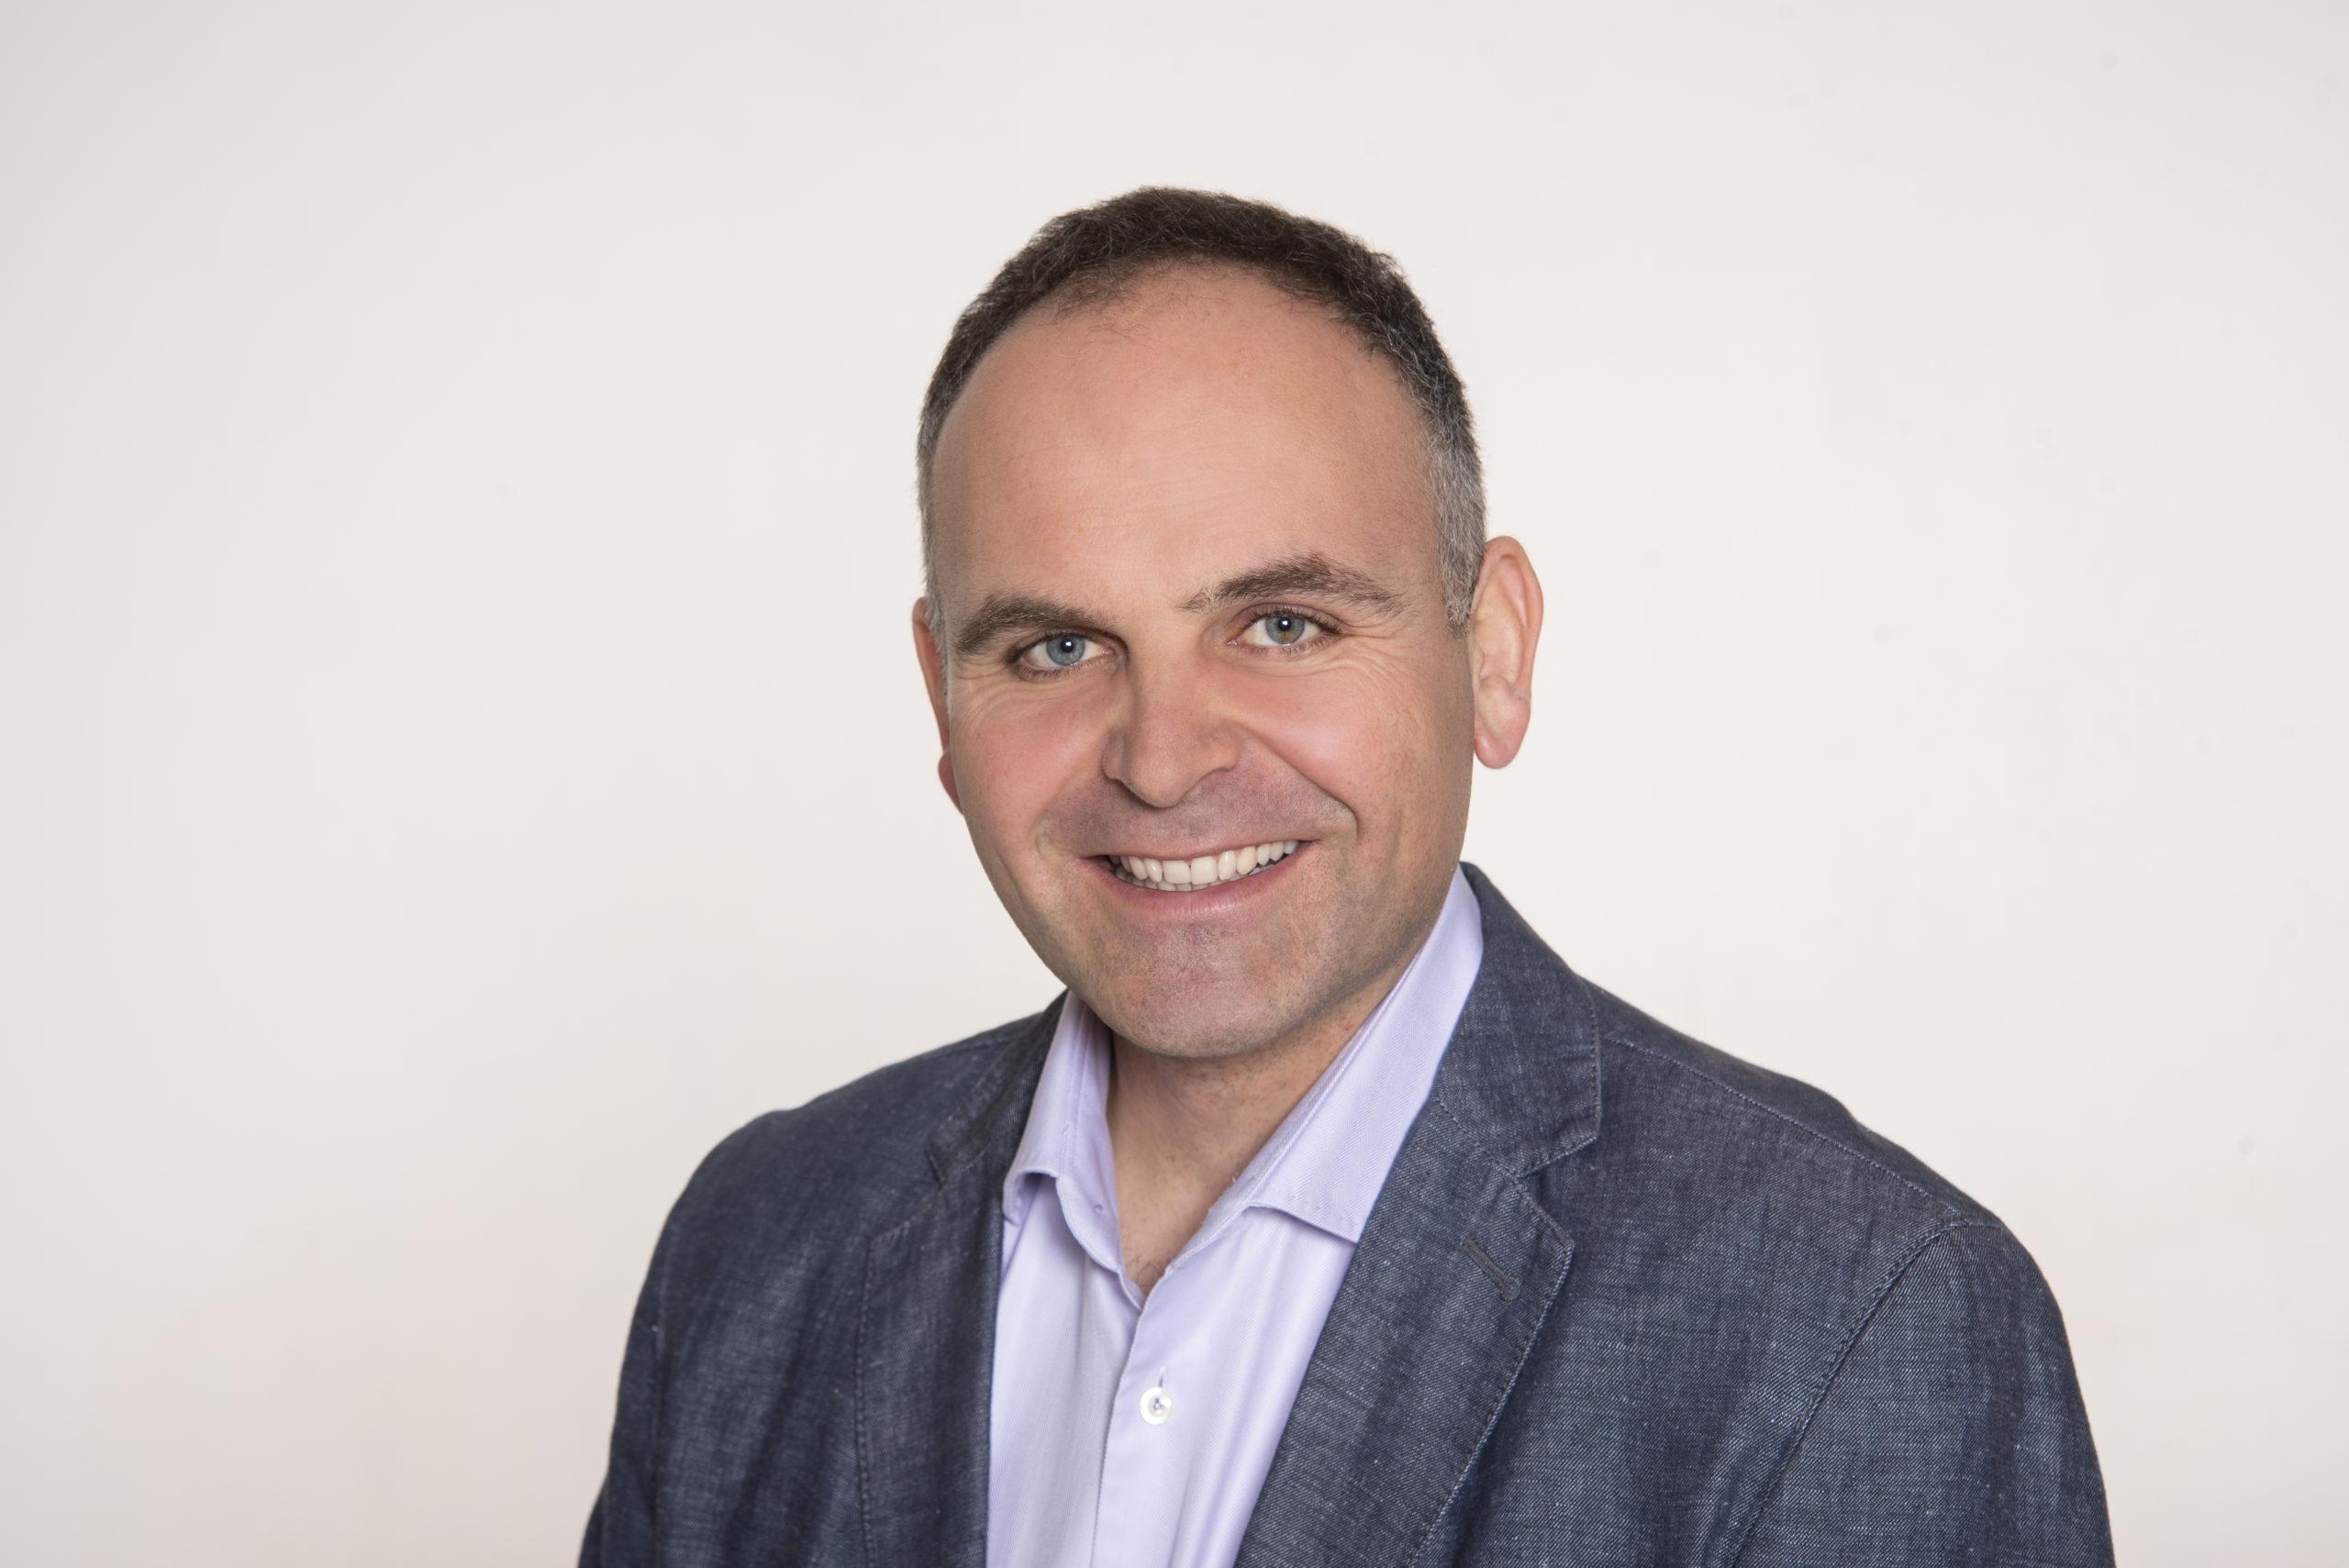 Inhaber Marco Stöhr